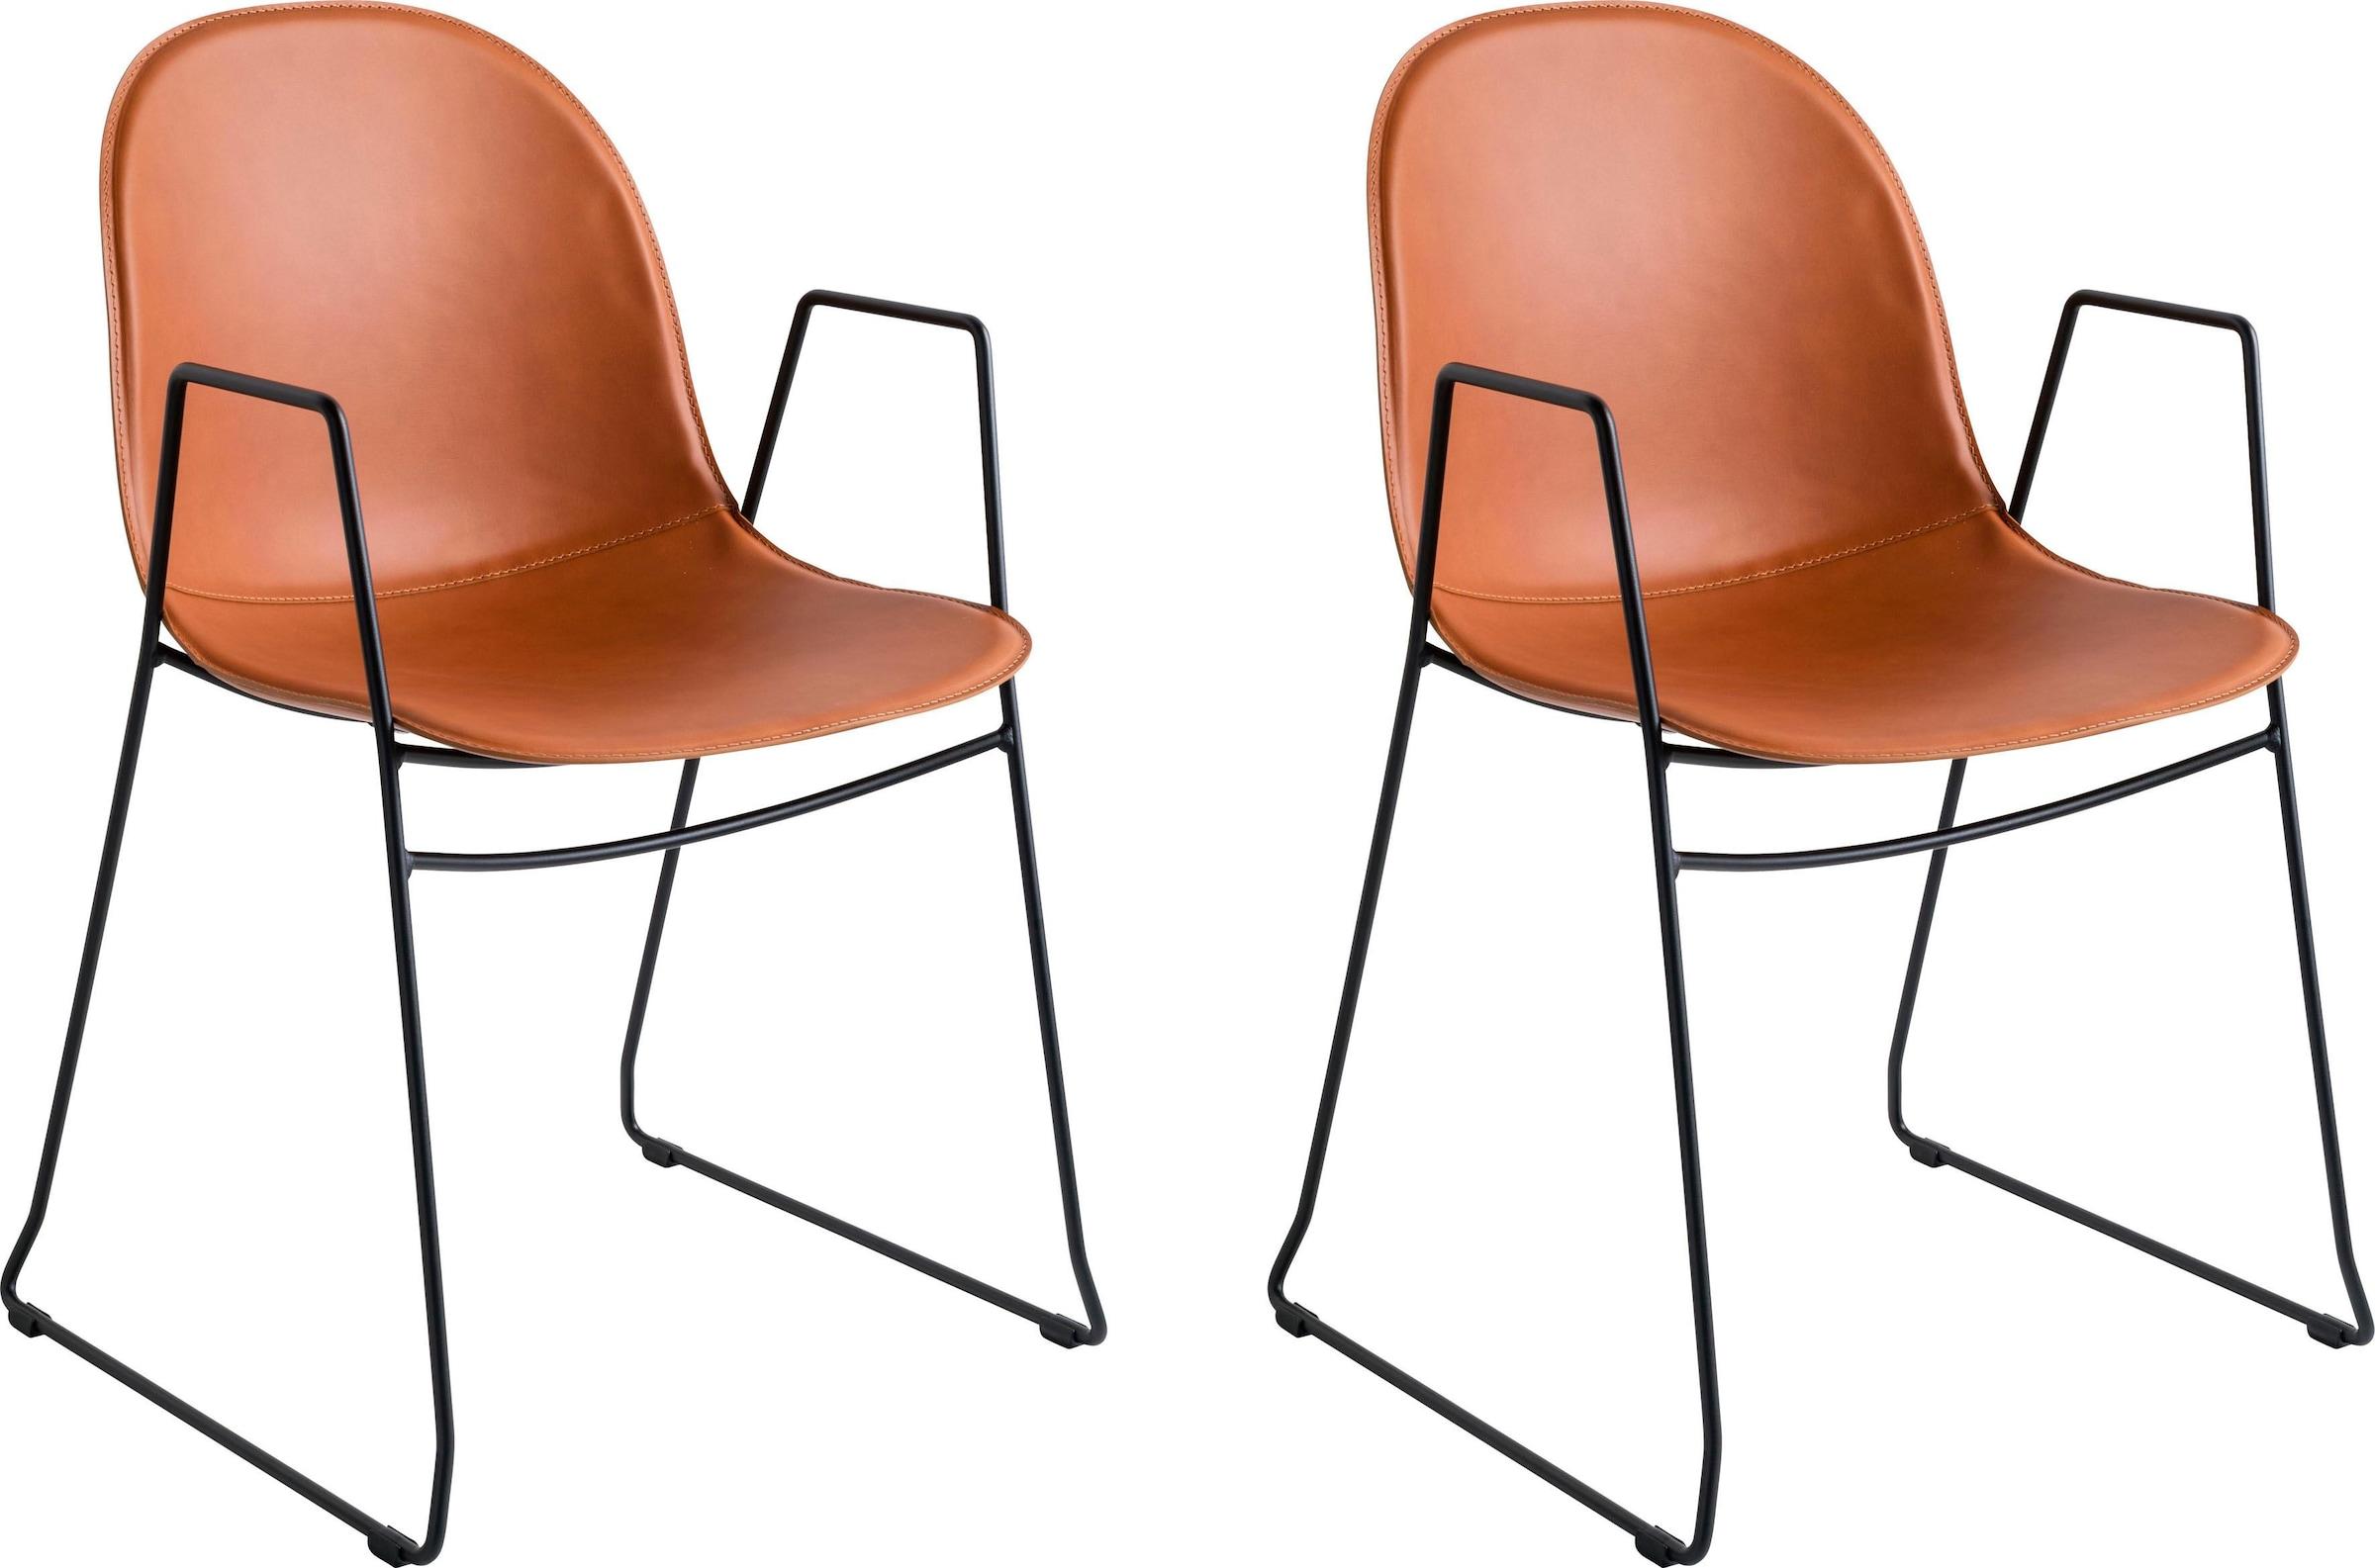 Connubia By Calligaris Esszimmerstühle online kaufen | Möbel